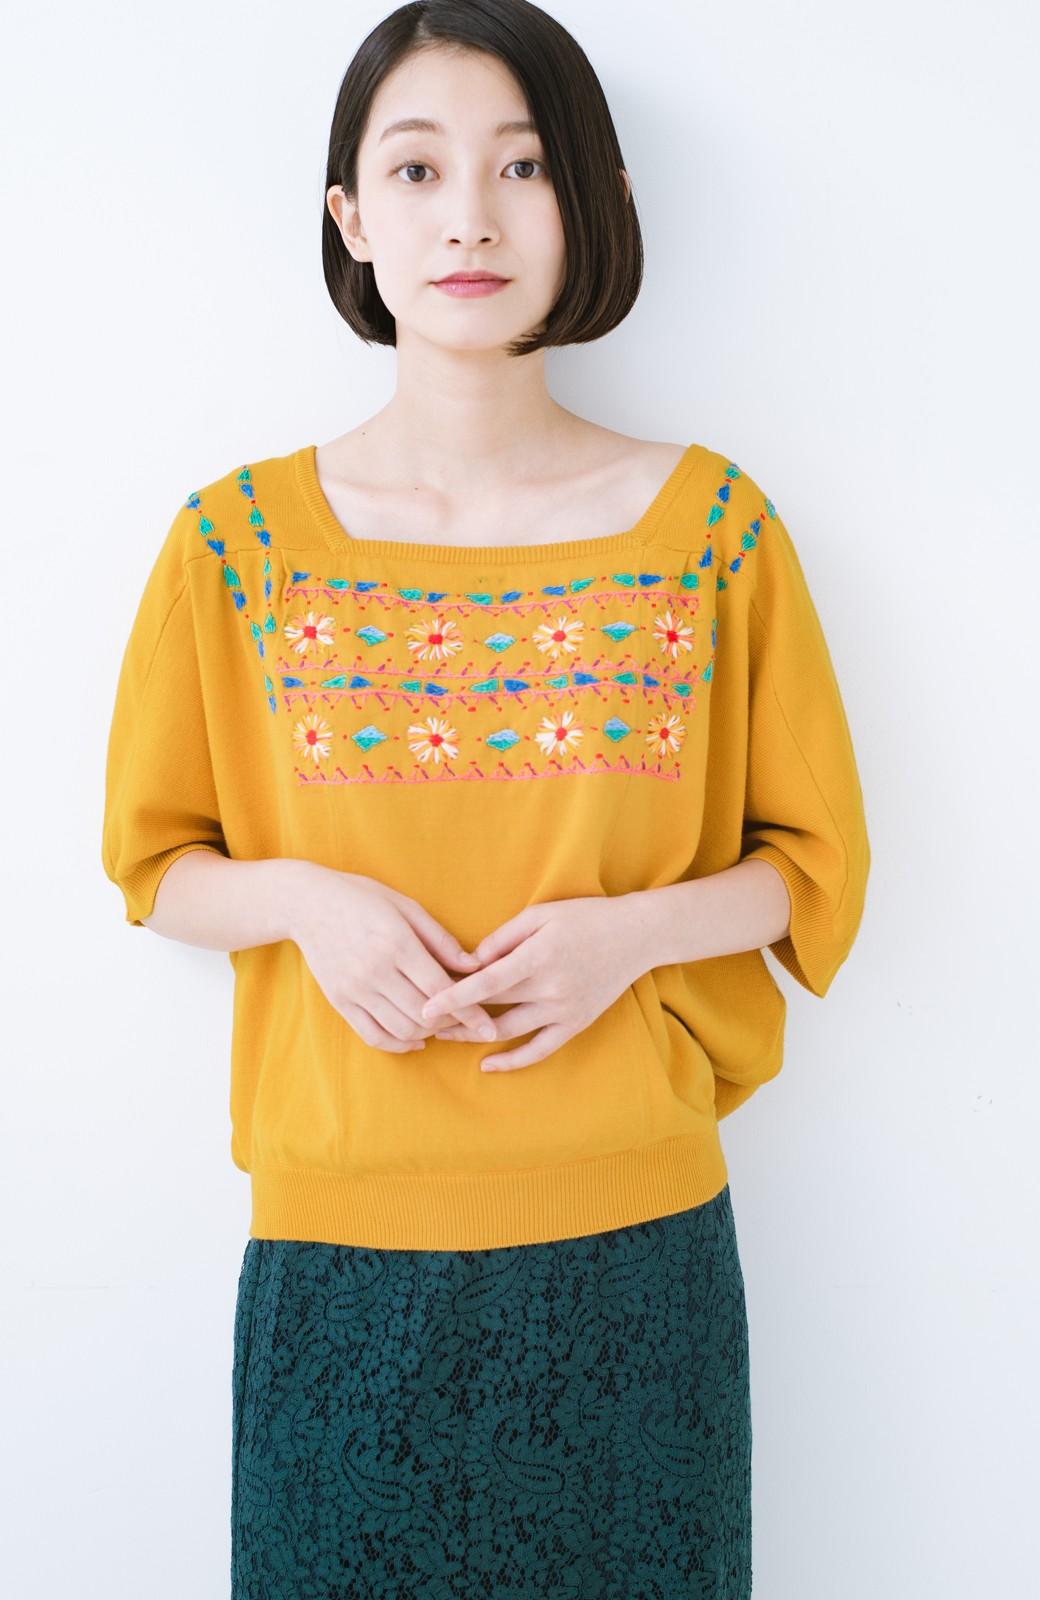 haco! Stitch by Stitch 首回りがきれいに見える色とりどりの刺繍のスクエアニット <イエロー>の商品写真9